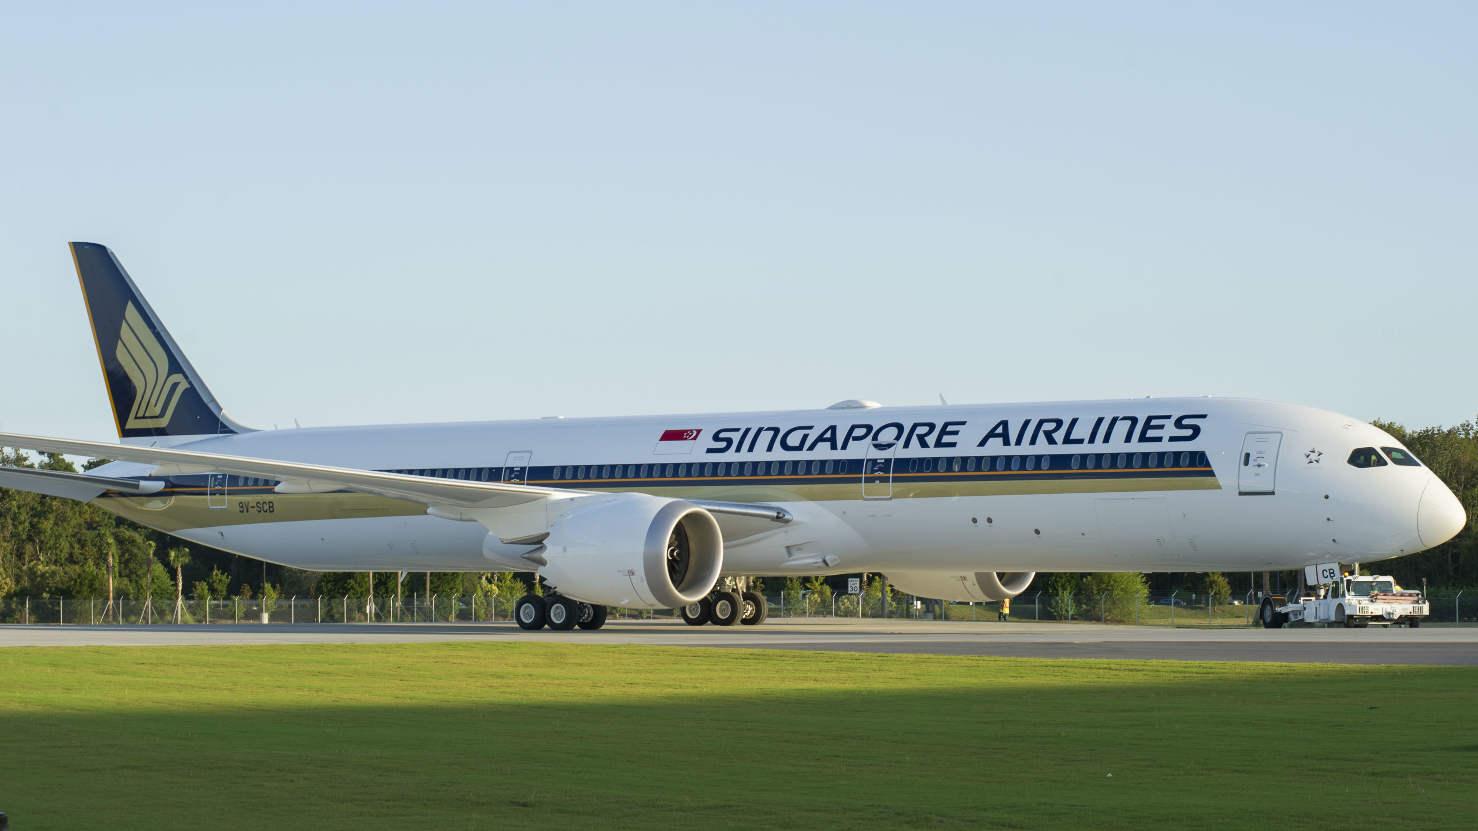 Singapore Airlines et Scoot vont connecter avec Easyjet